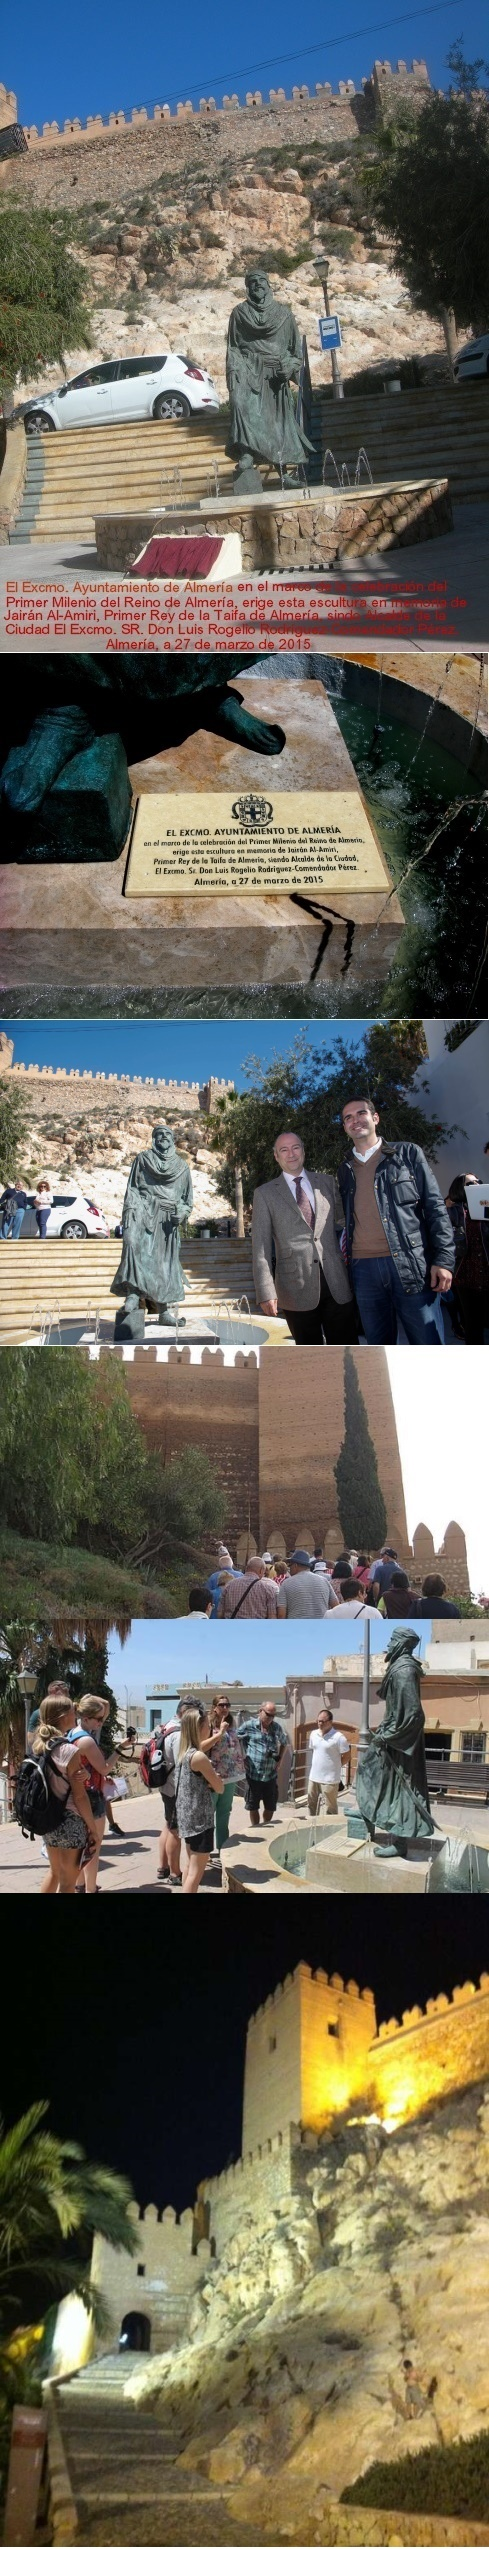 20150609085854-jairan-estatua-placa-en-la-plaza-del-milenio-de-reino-de-almeria-.jpg